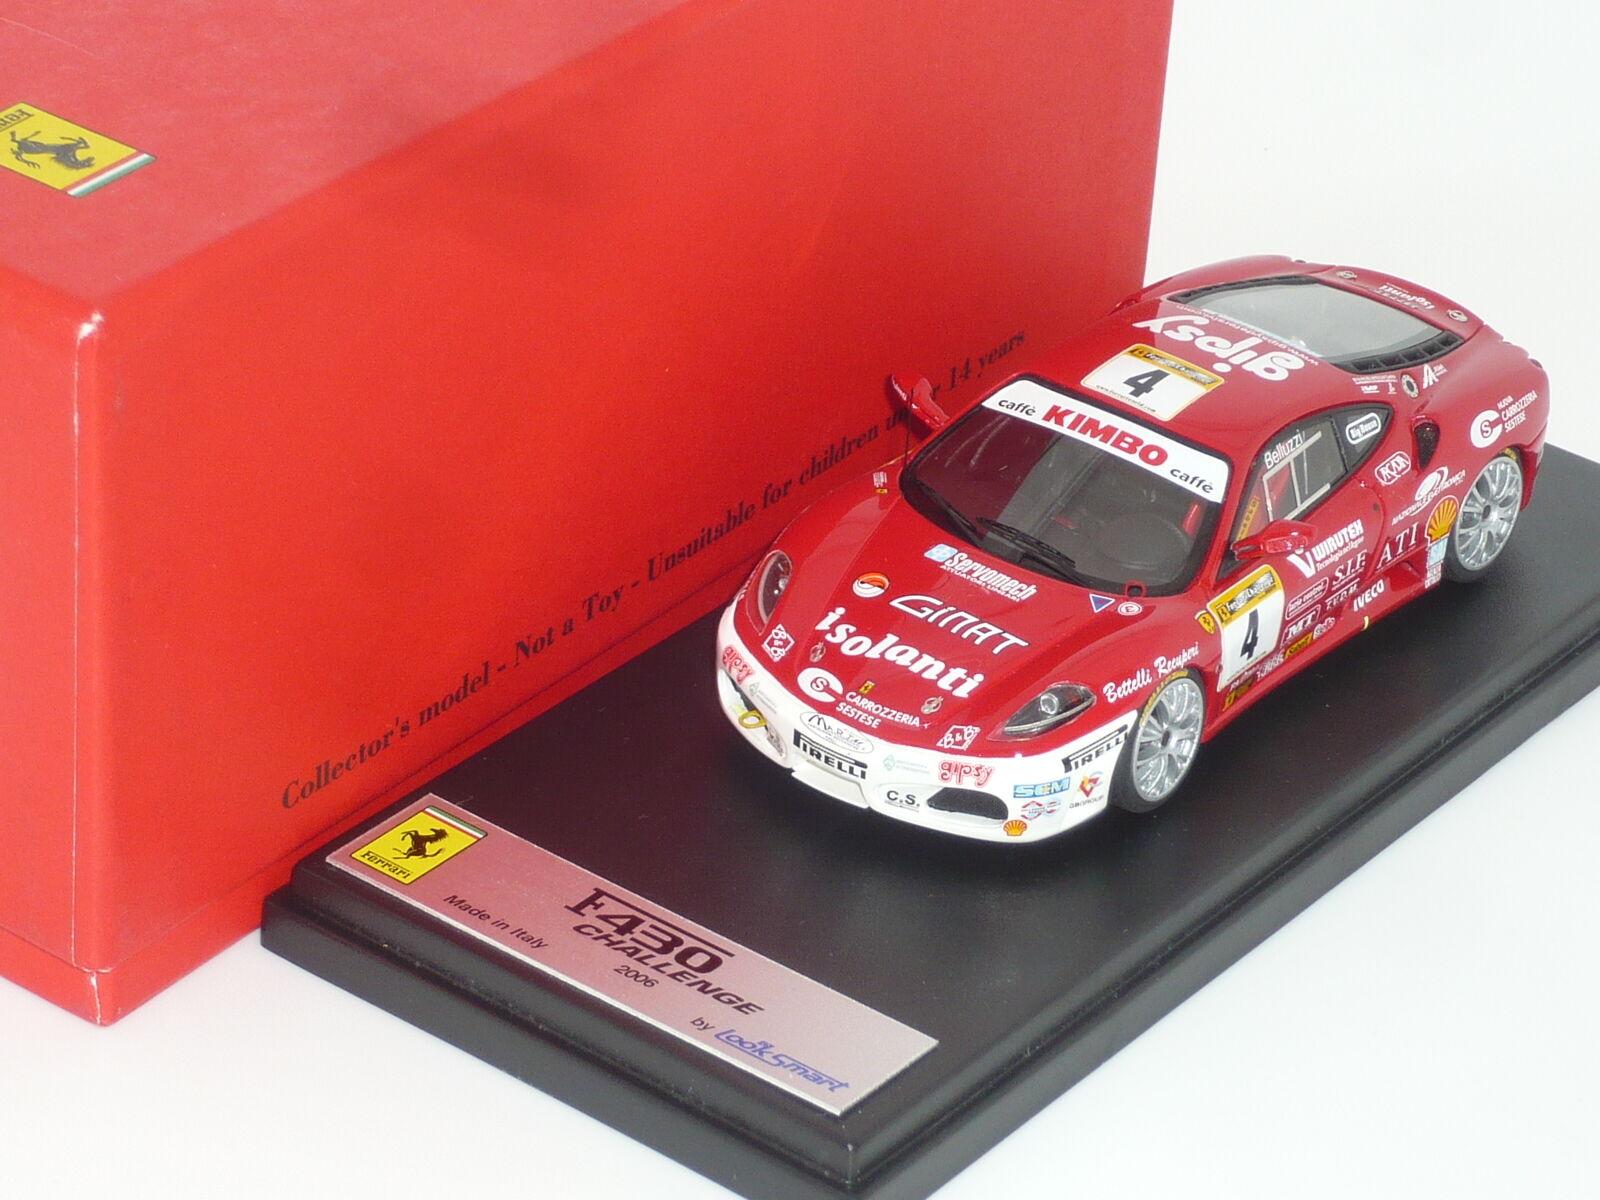 precios al por mayor Nuevo Nuevo Nuevo 1 43 LookSmart Resina HANDBUILT Ferrari F430 Challenge V8 Race Coche n Le Mans  hasta 60% de descuento